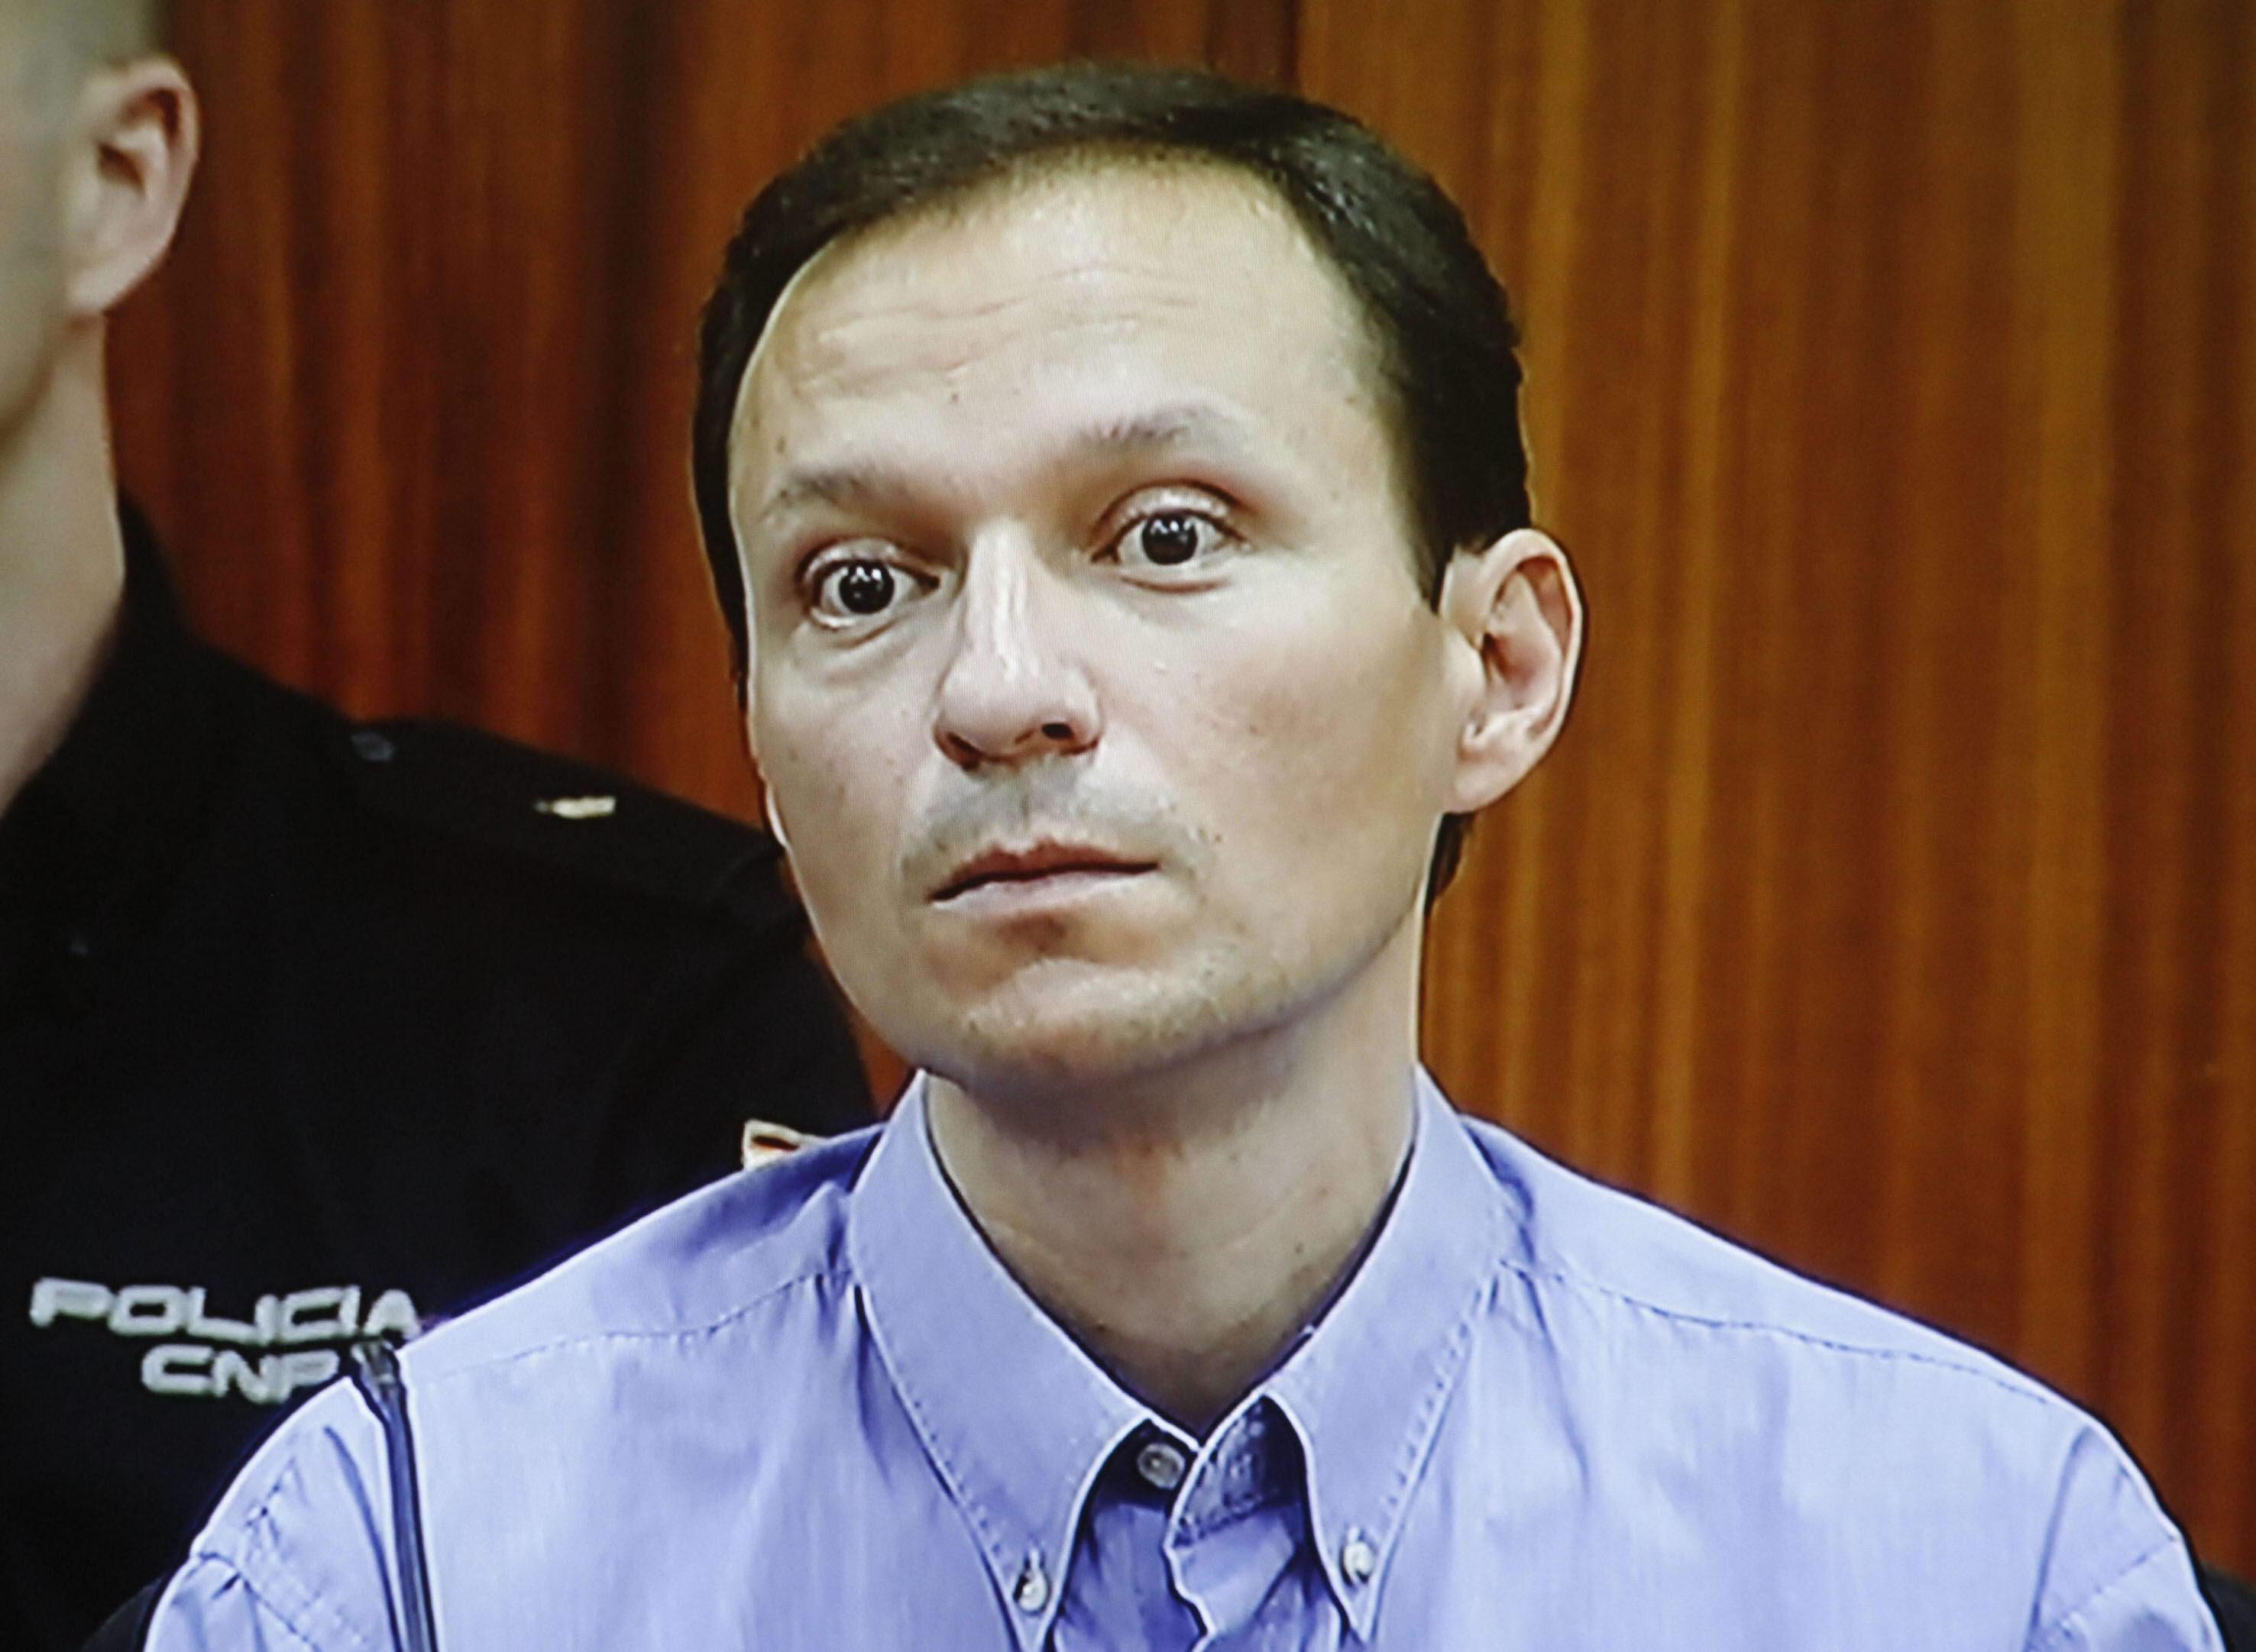 Archivan el caso contra la perito del caso Bretón que dijo que los huesos se fueron de copas